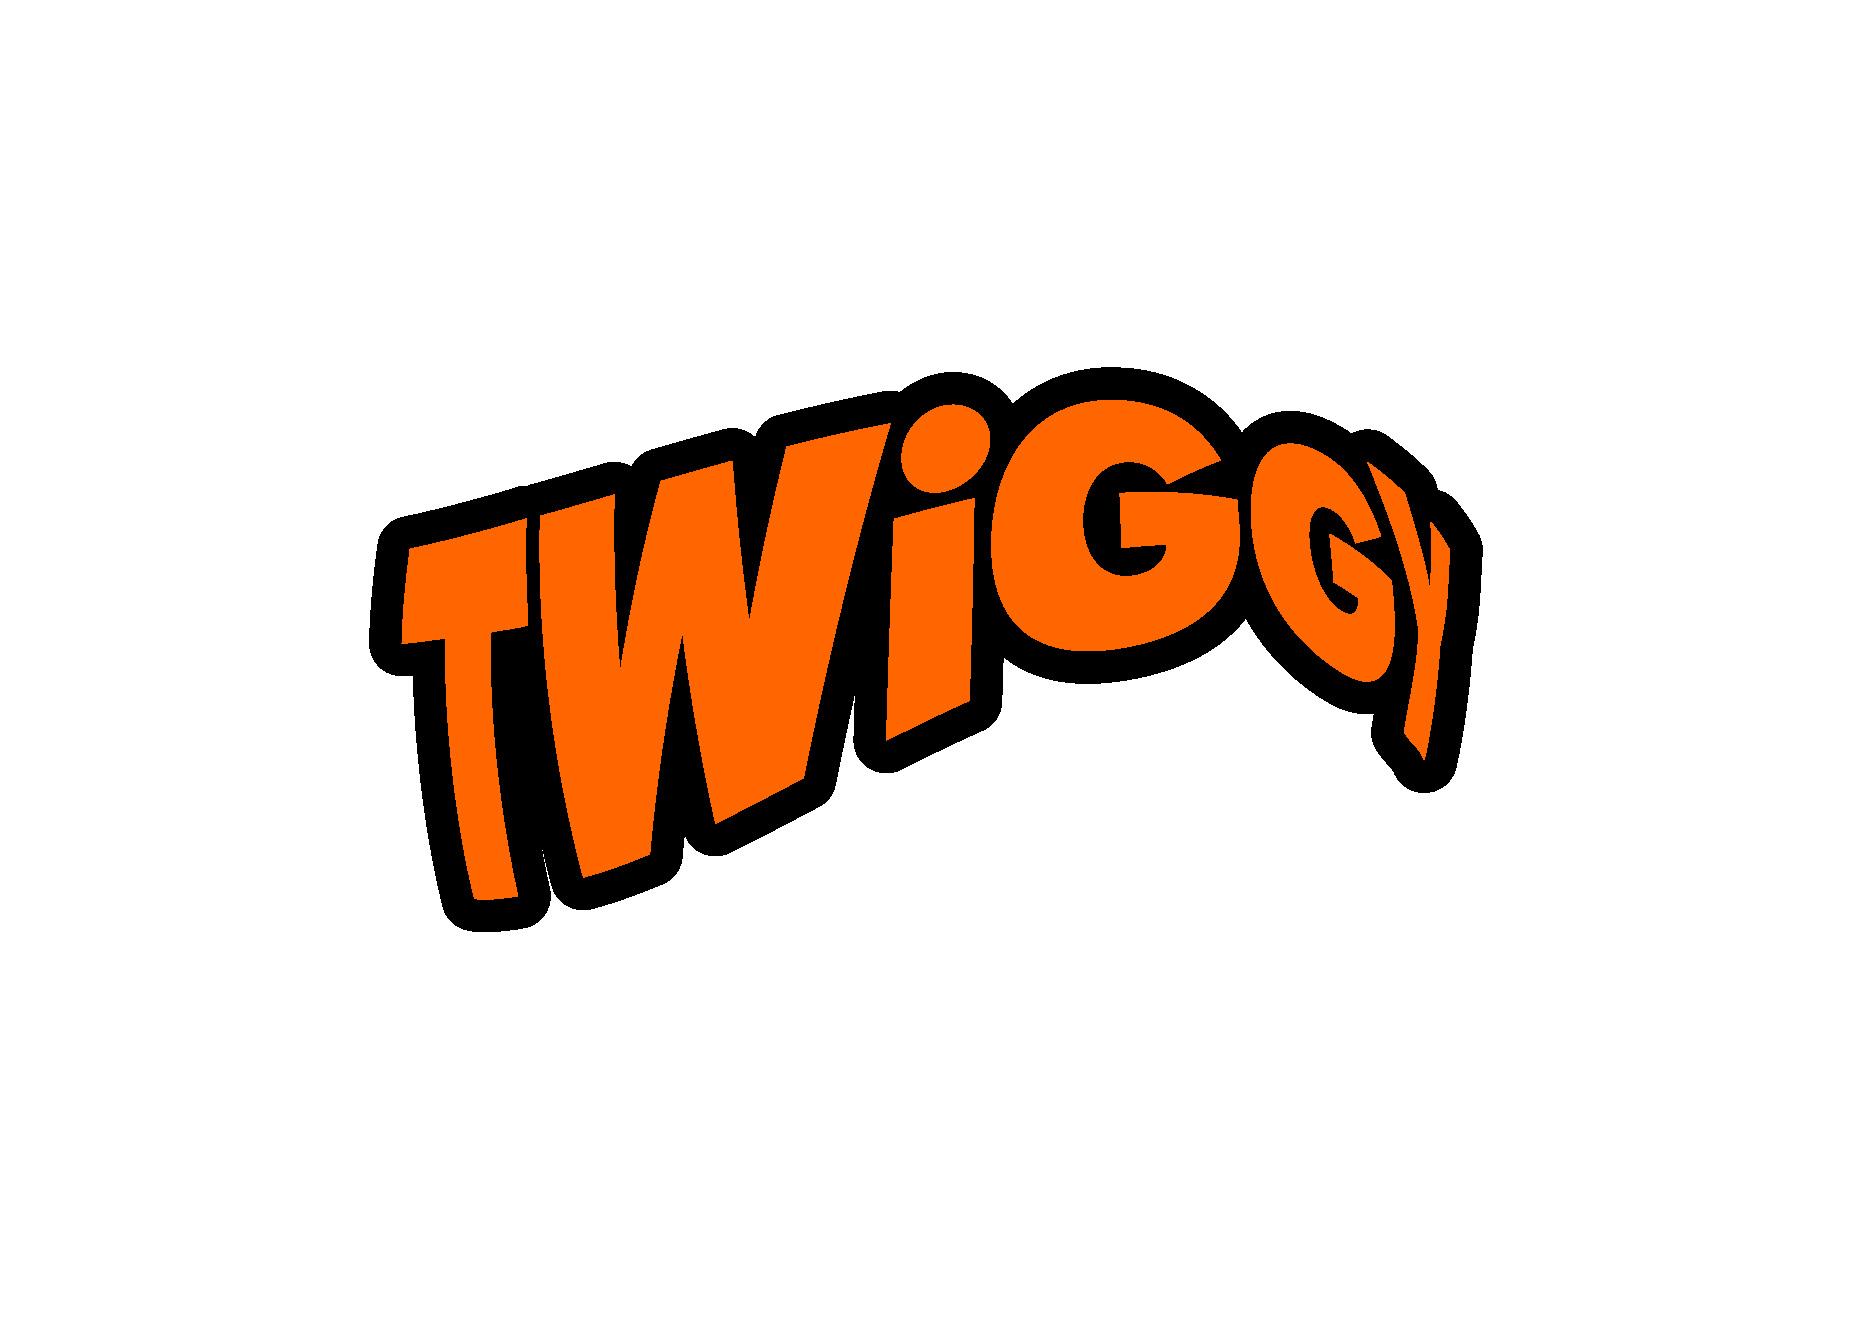 TWIGGY(1)